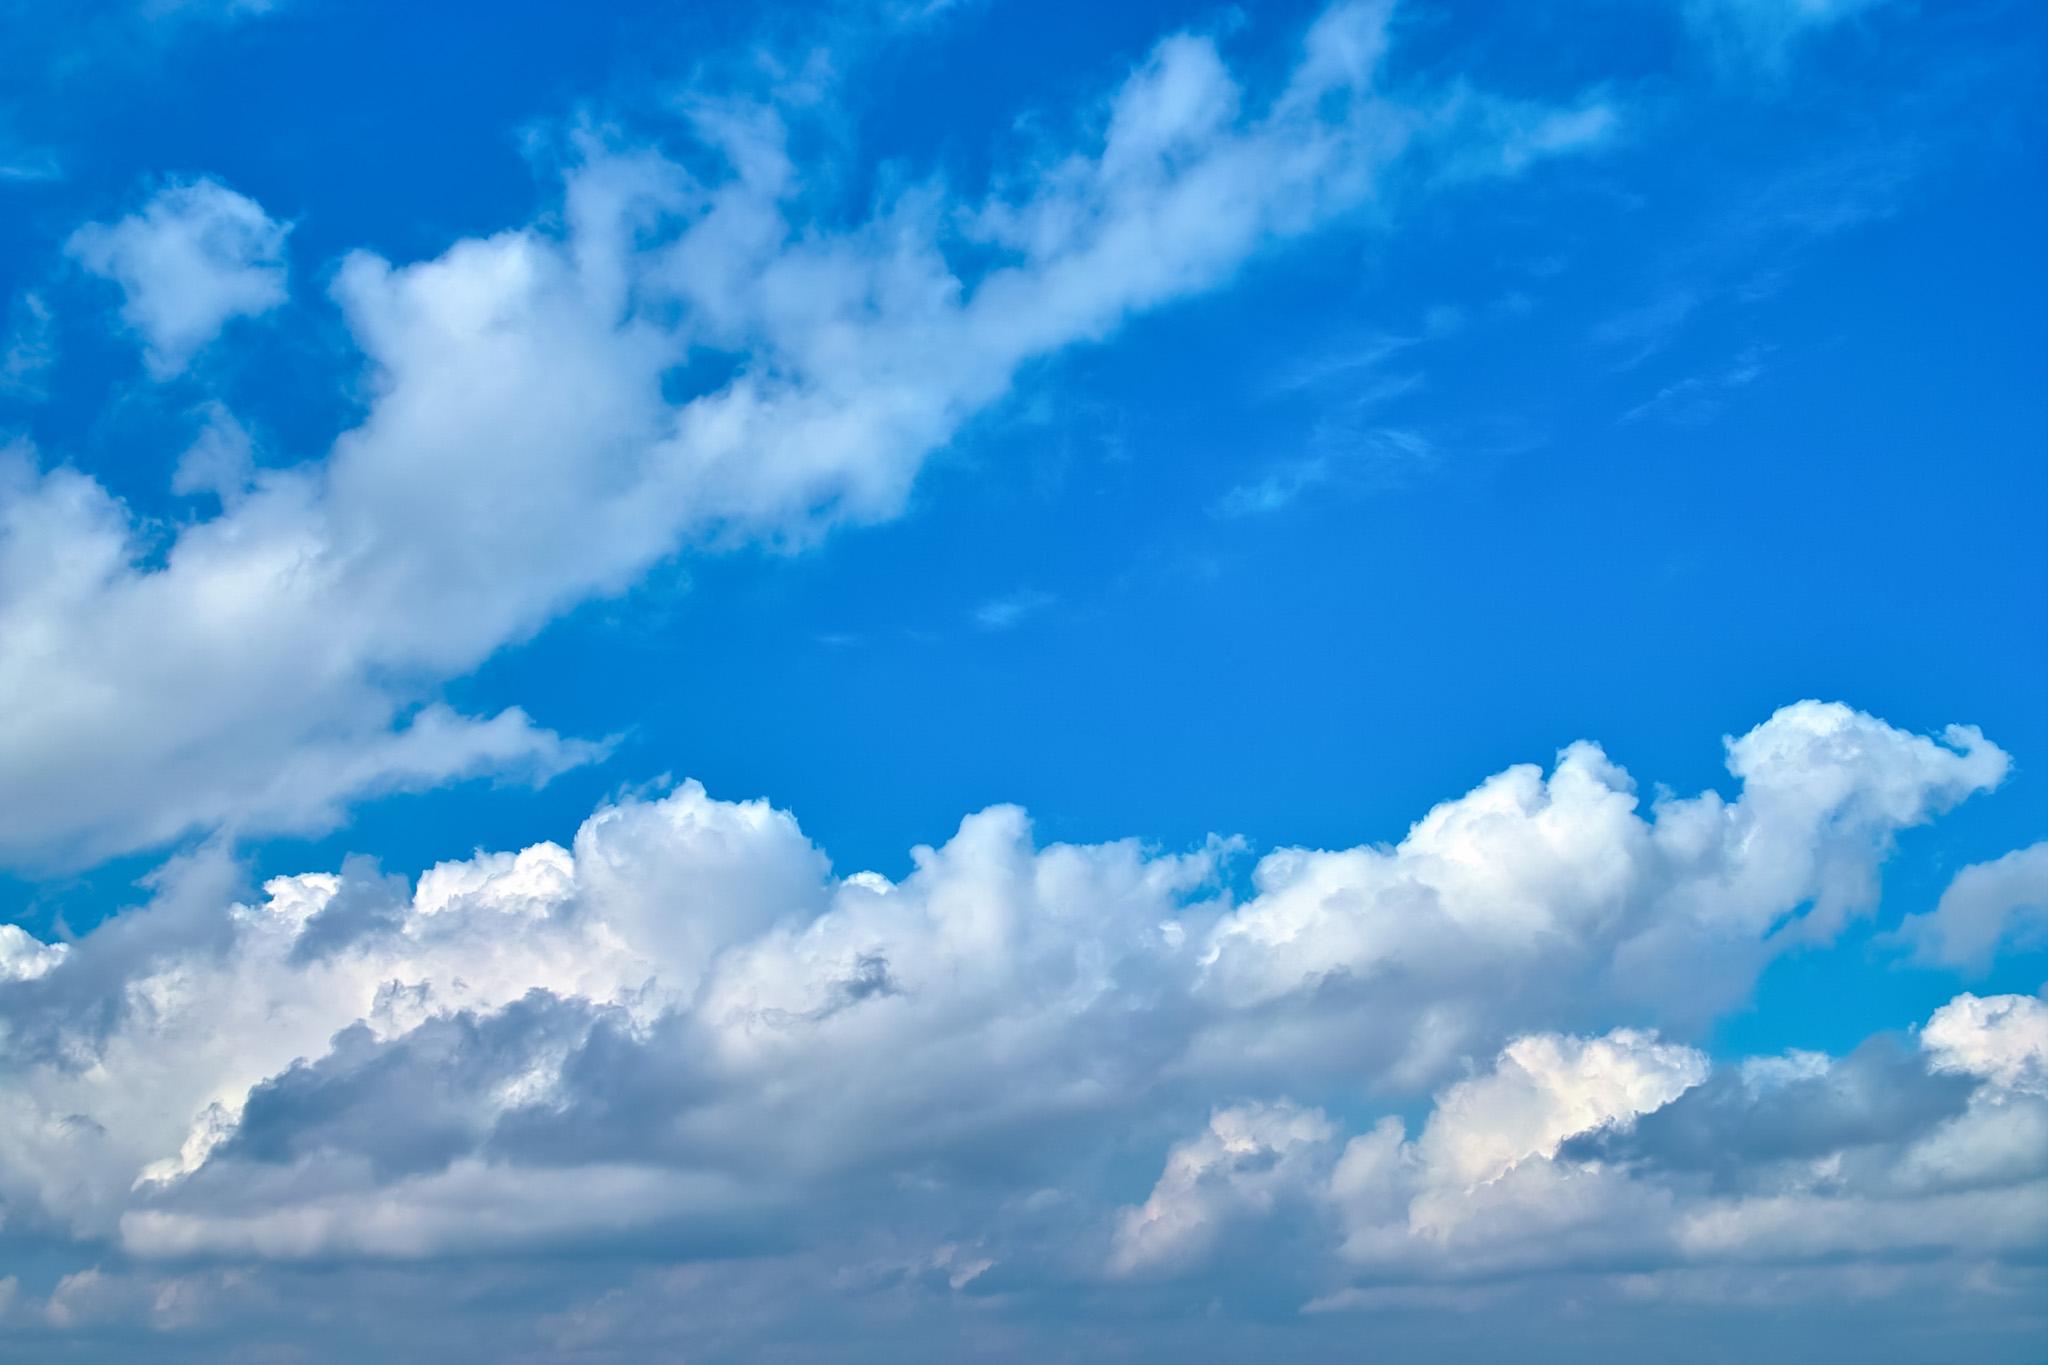 「大きな雲が流れる青空」の写真素材を無料ダウンロード